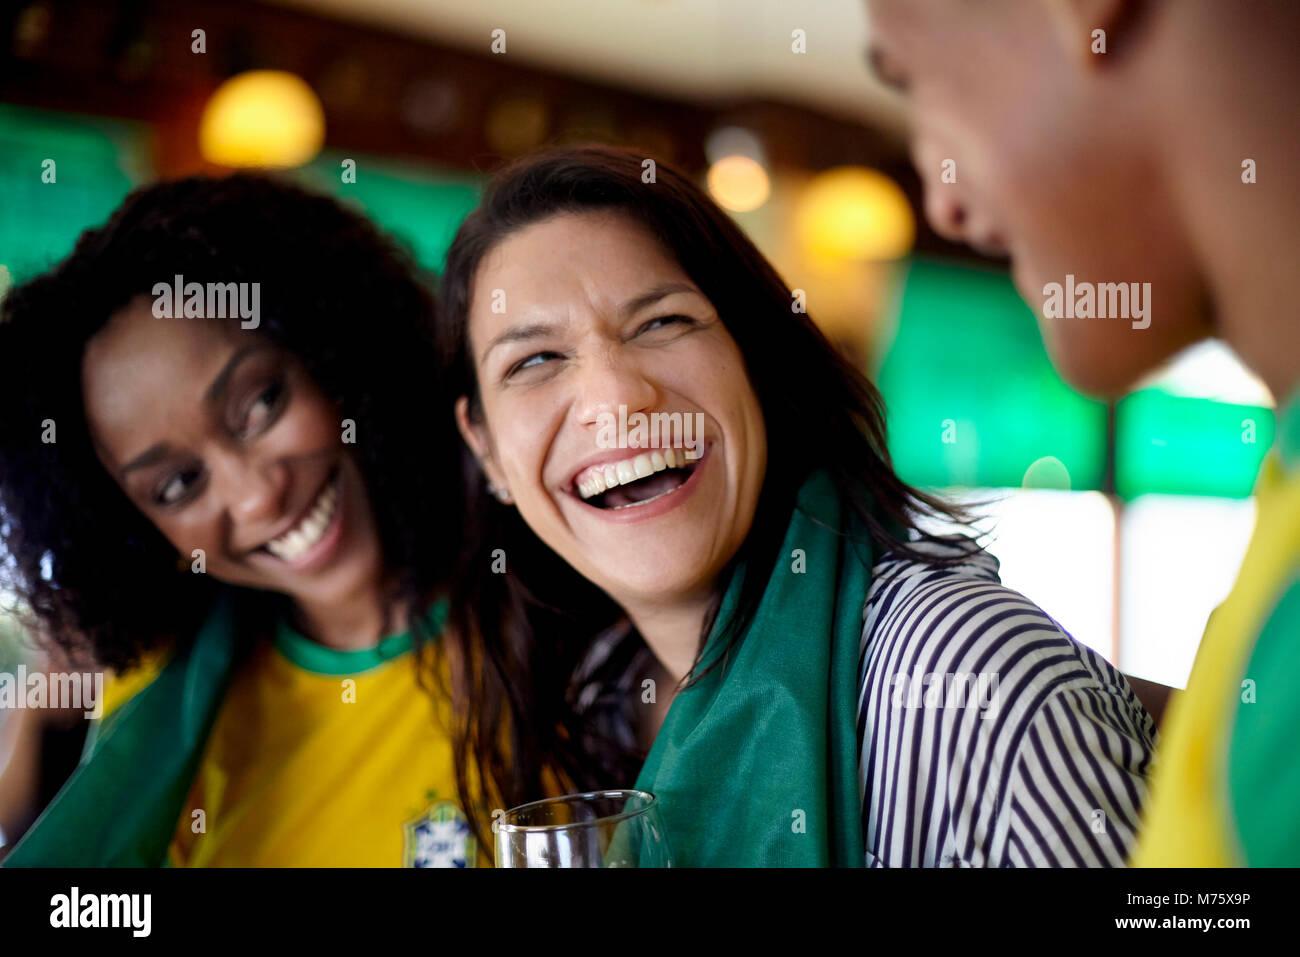 Frau lachend in der Bar mit Freunden Stockbild